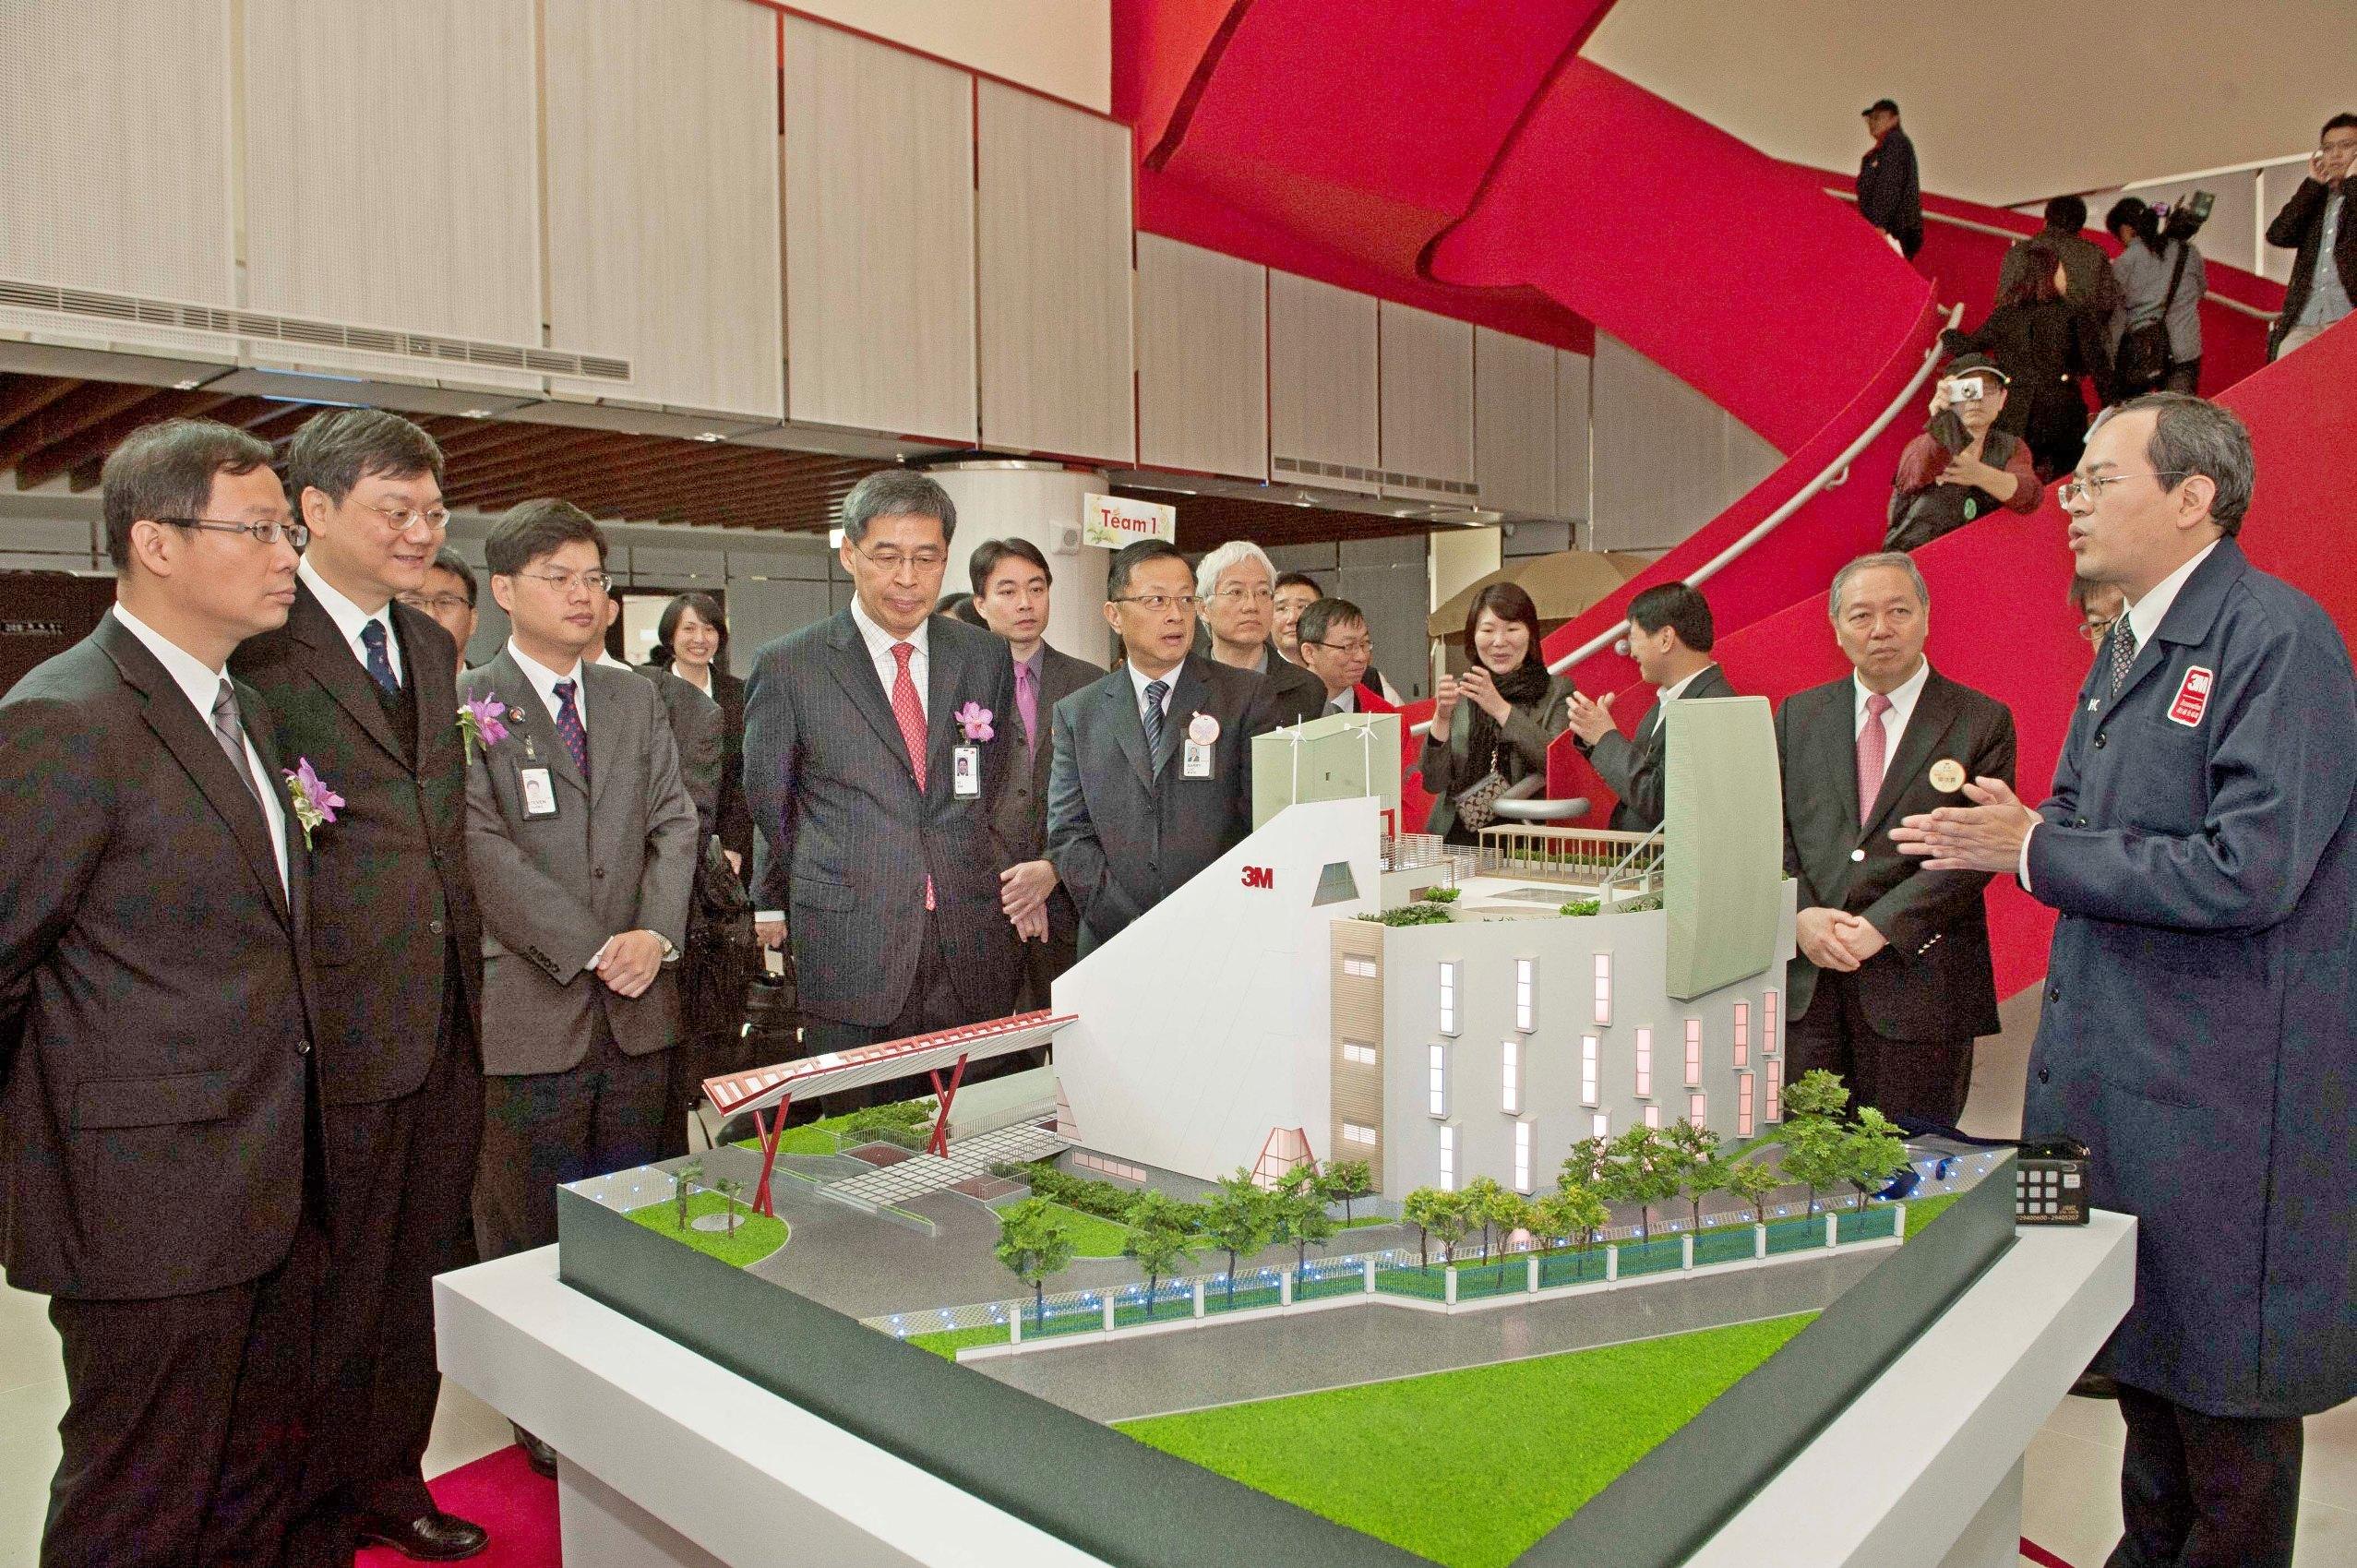 3M台灣研發中心為3M亞太區第一座綠建築研發中心,將3M各項研發概念與創意產品完整呈現.